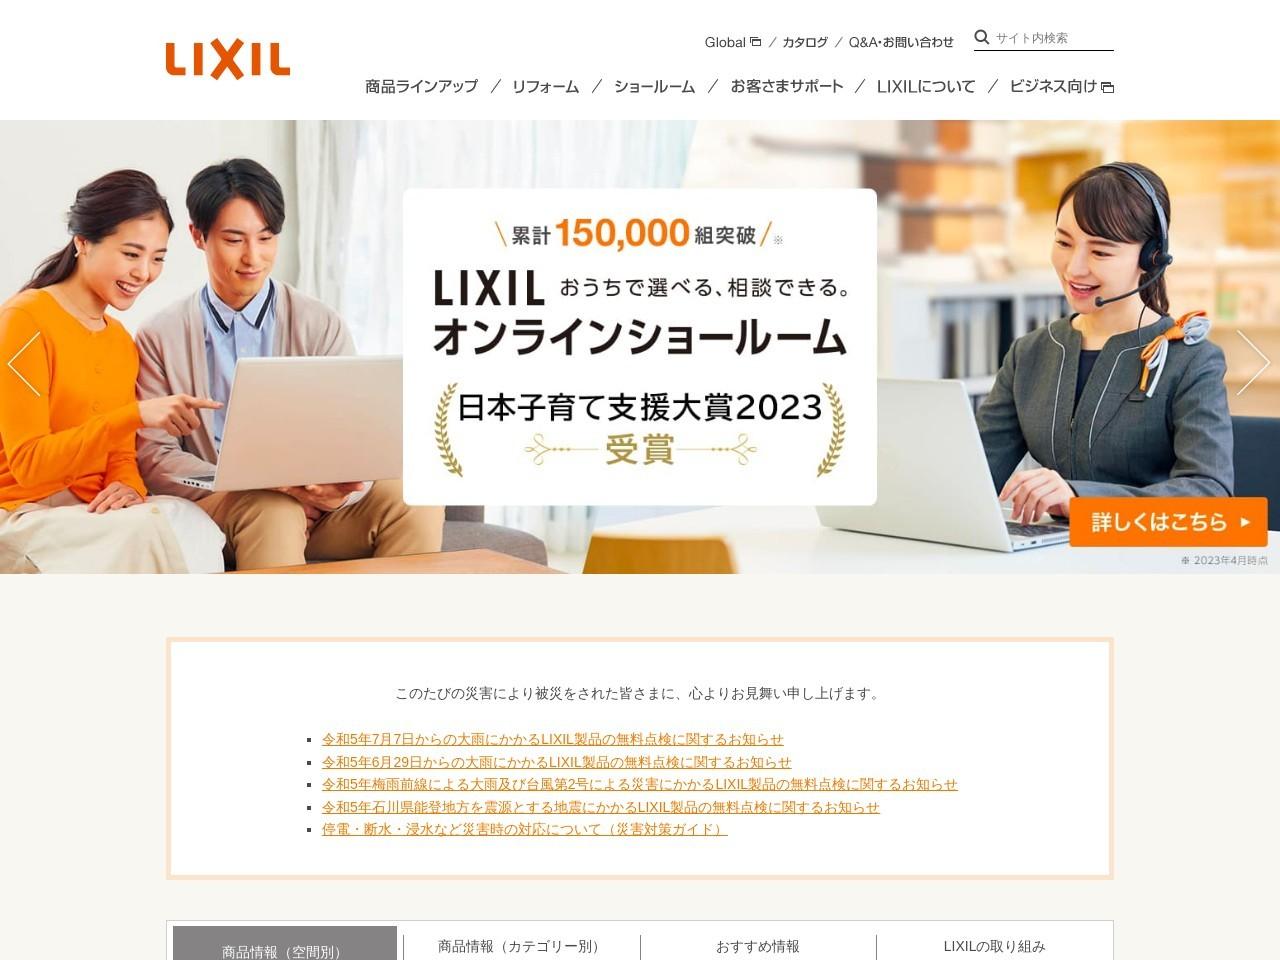 https://www.lixil.co.jp/corporate/recruit/